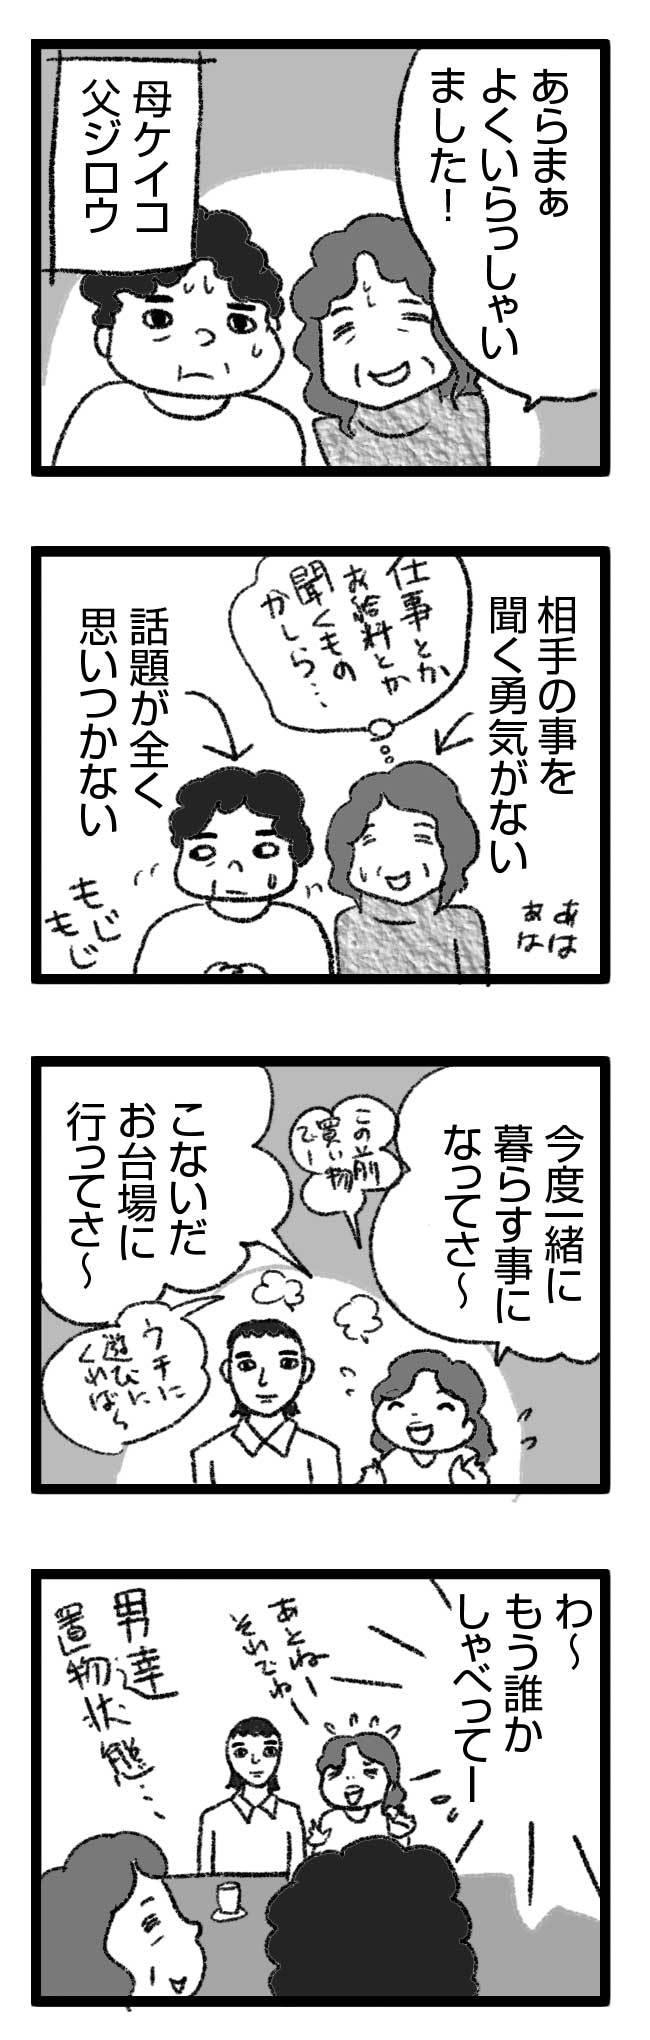 2016122117191507f.jpg